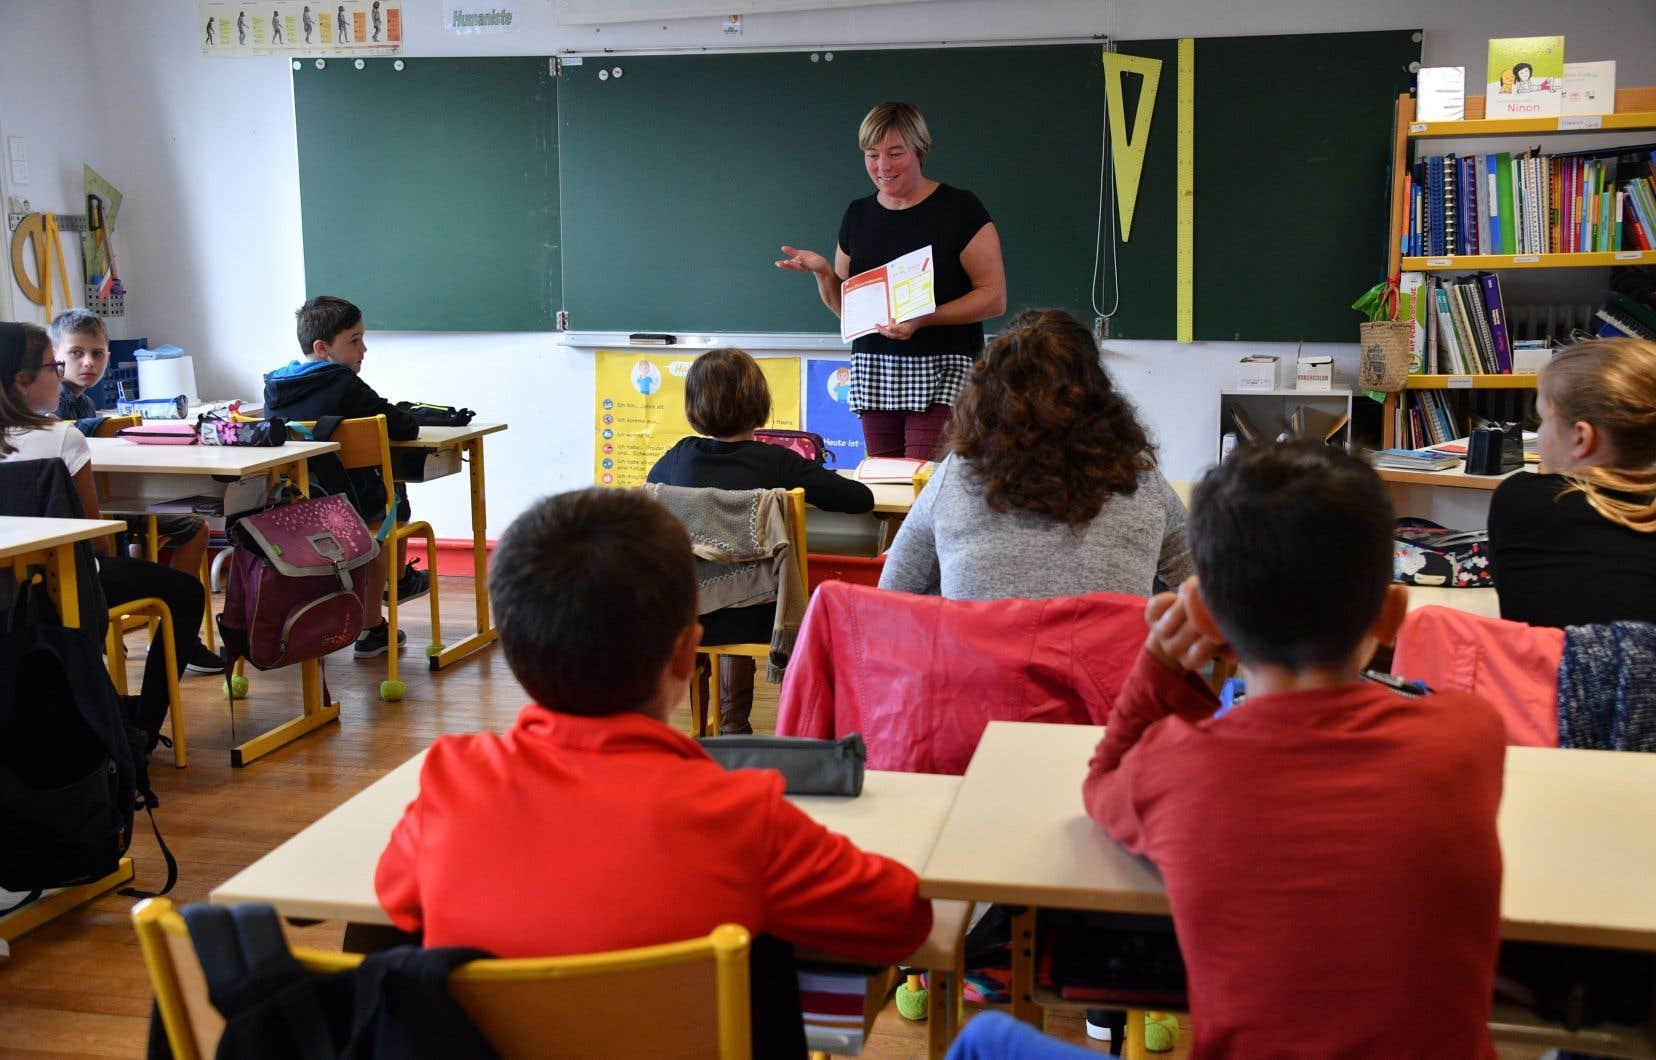 «Les enseignantes et les enseignants ont le droit d'accomplir leur mission sans appréhender qu'on les cible sur la base de leur apparence. Quel climat sommes-nous en train de créer dans nos écoles?», demandent les auteurs.